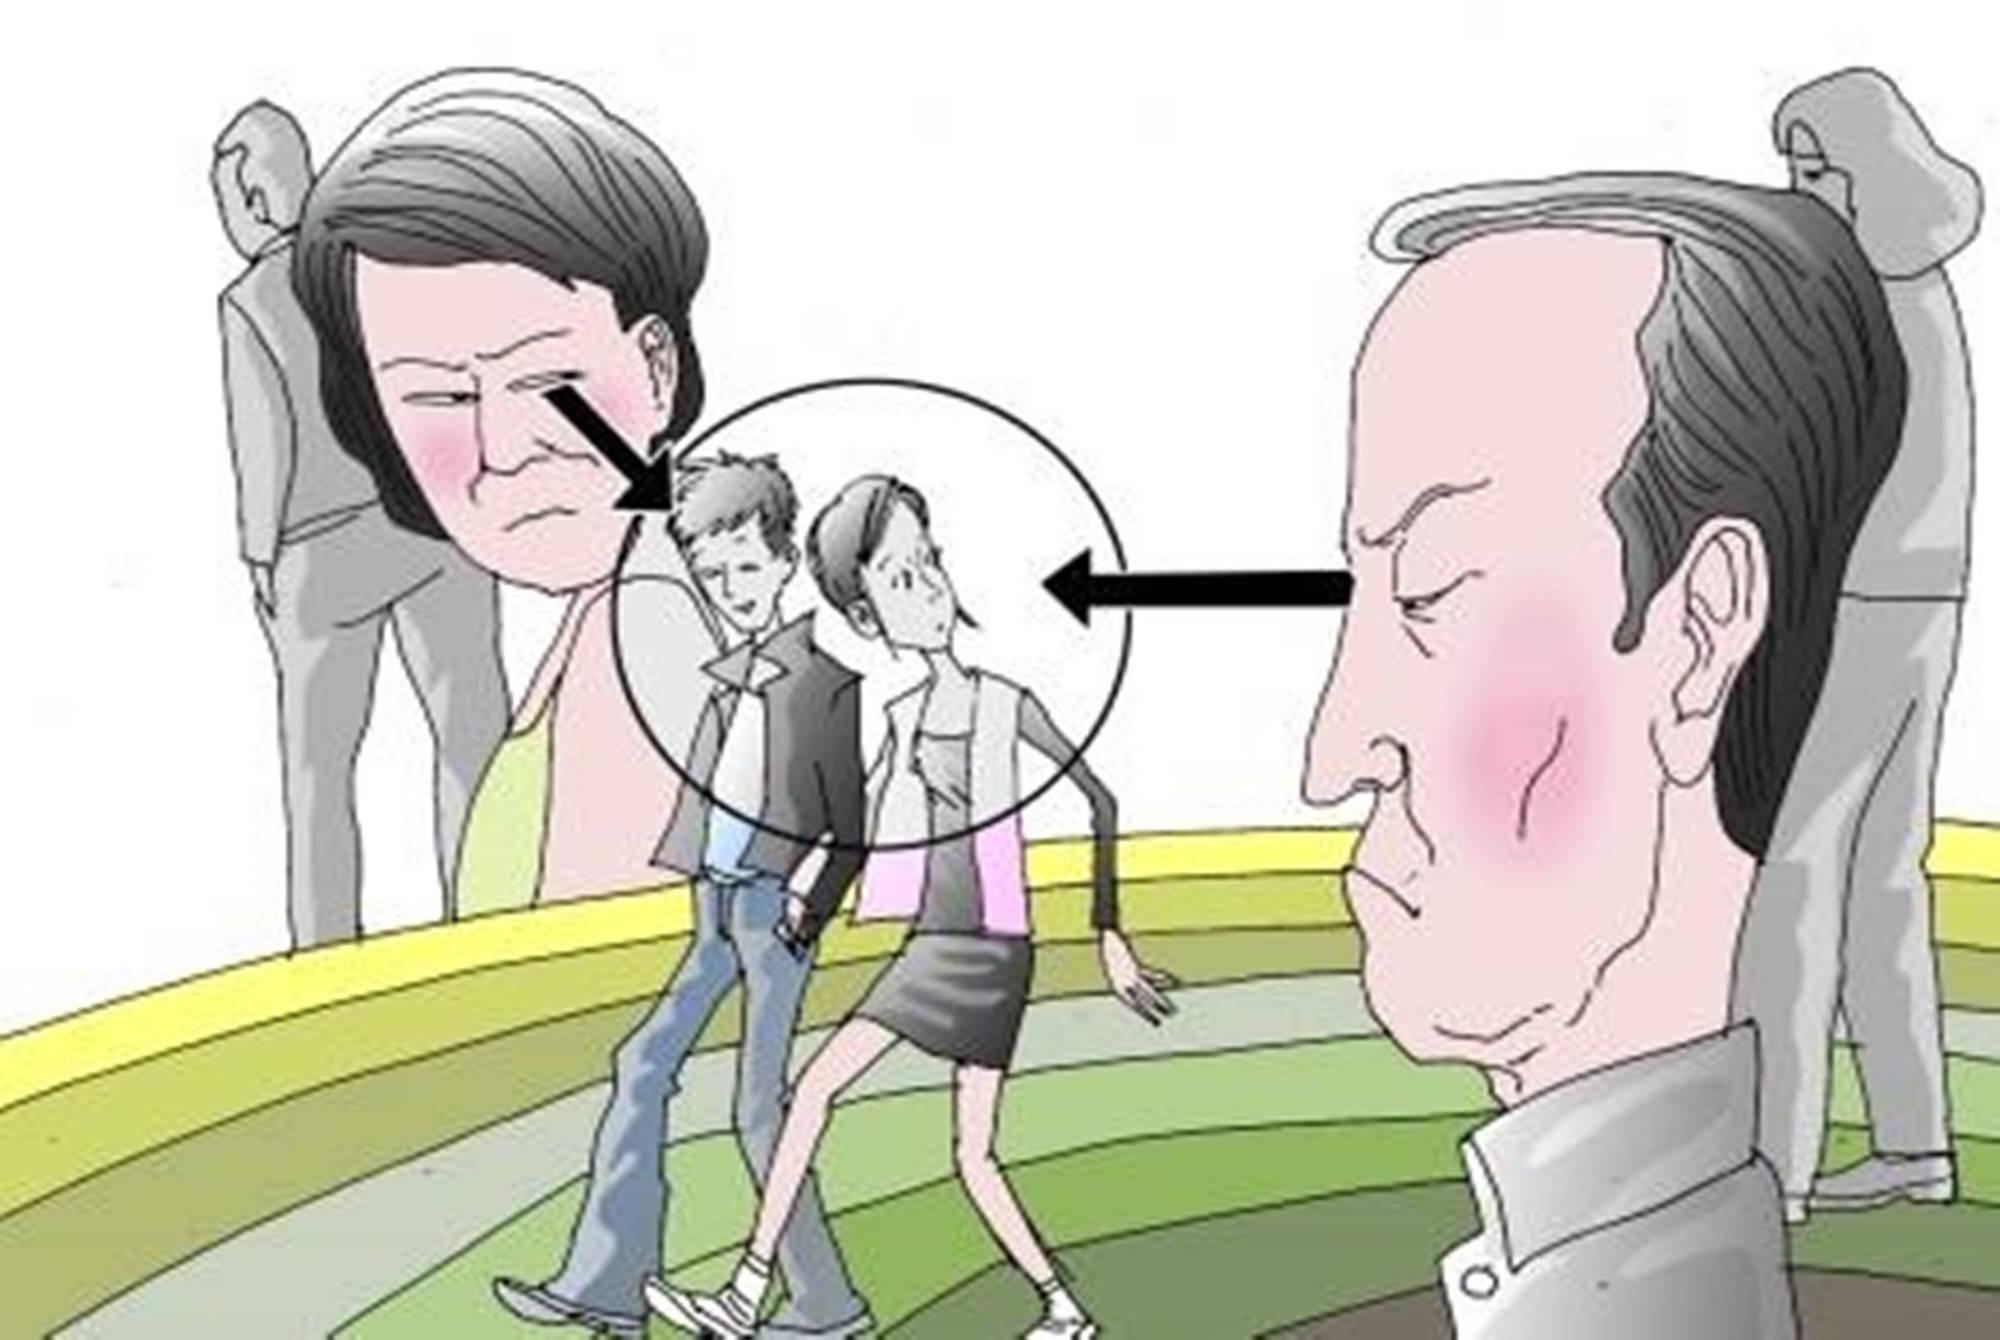 怎样阻止自己不早恋 怎样才能控制自己不早恋